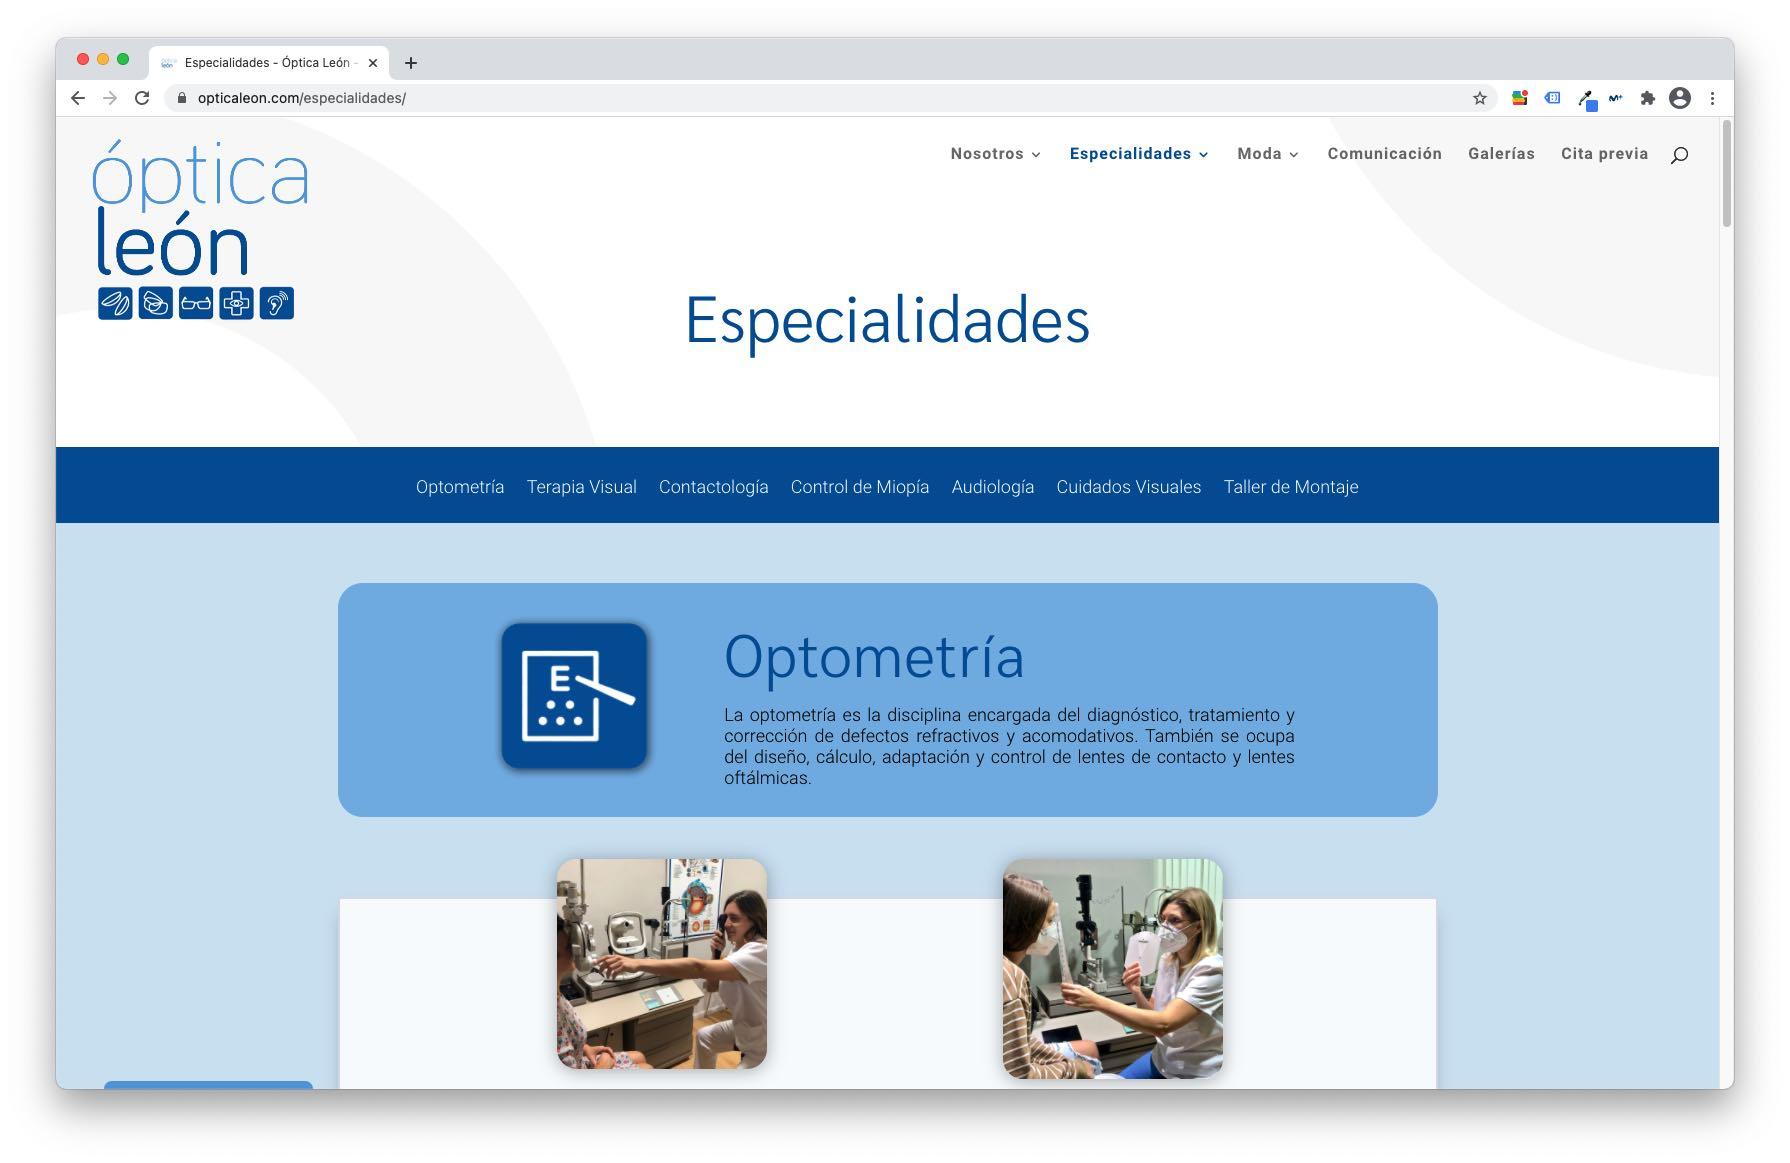 Óptica León Especialidades Bolcreativo